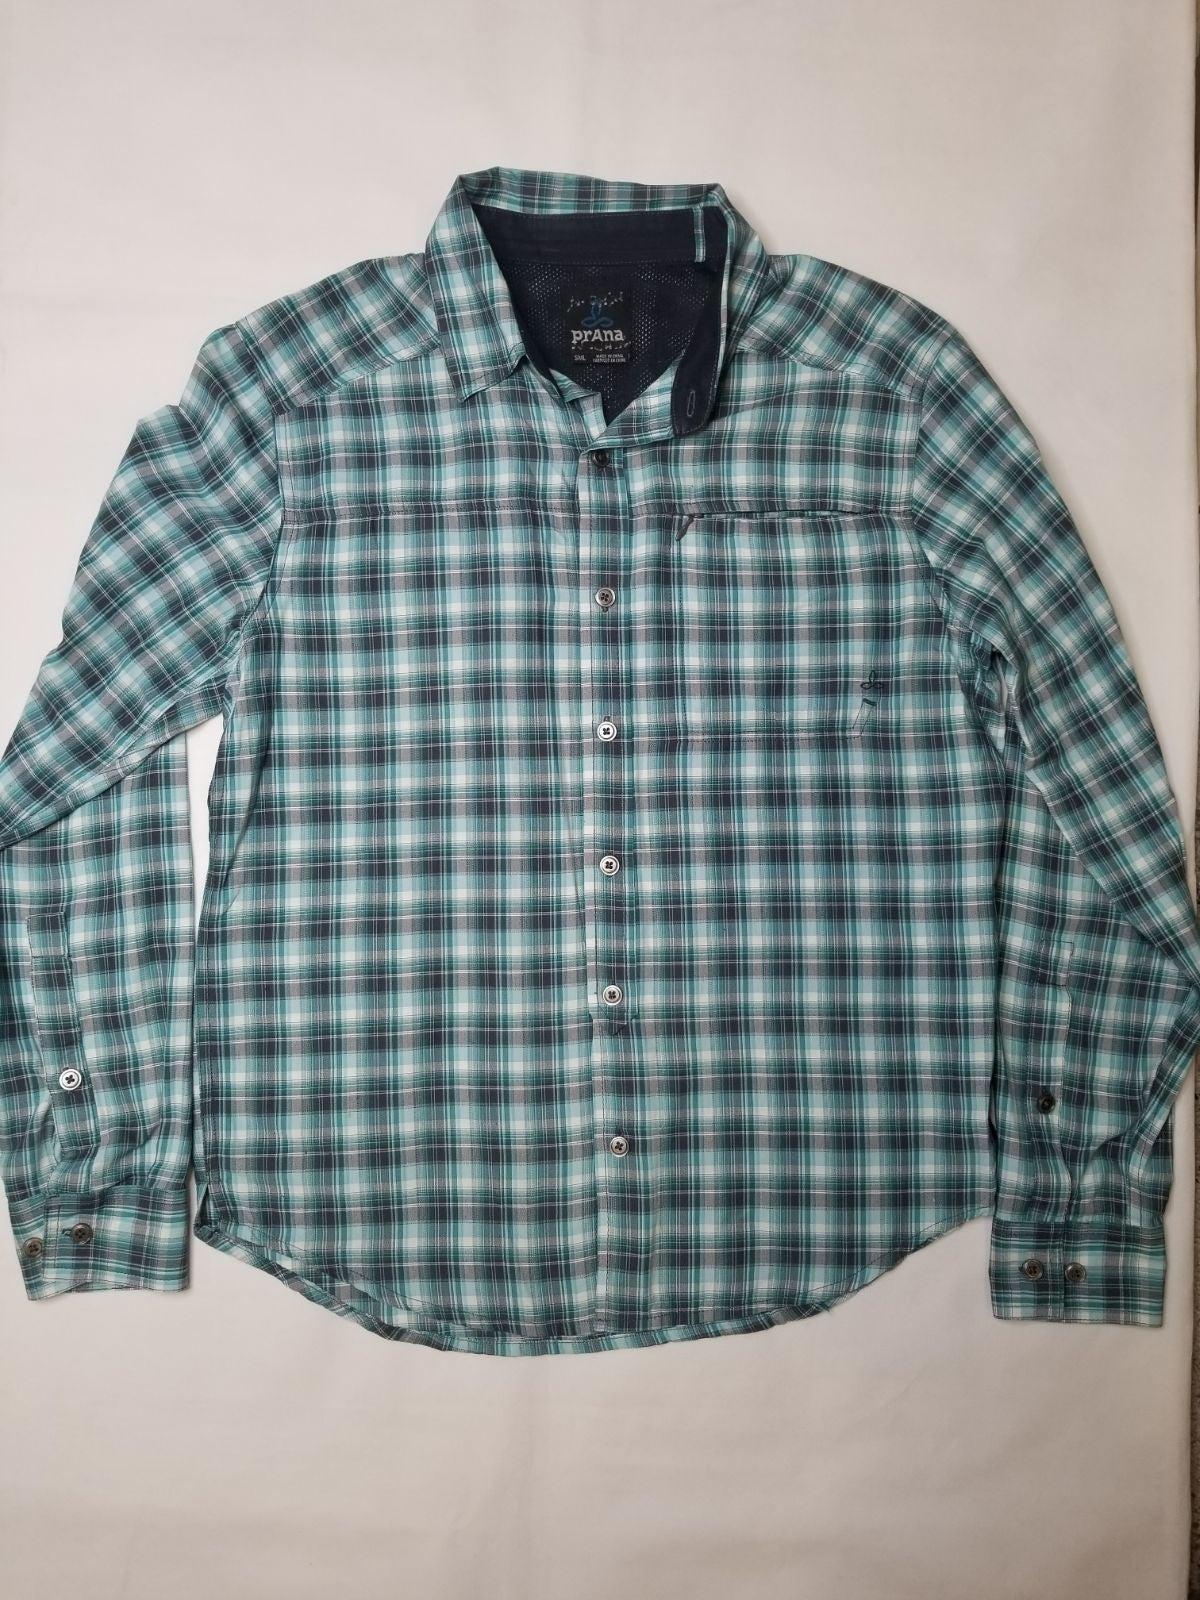 Prana Long Sleeve Button Front Shirt Sml